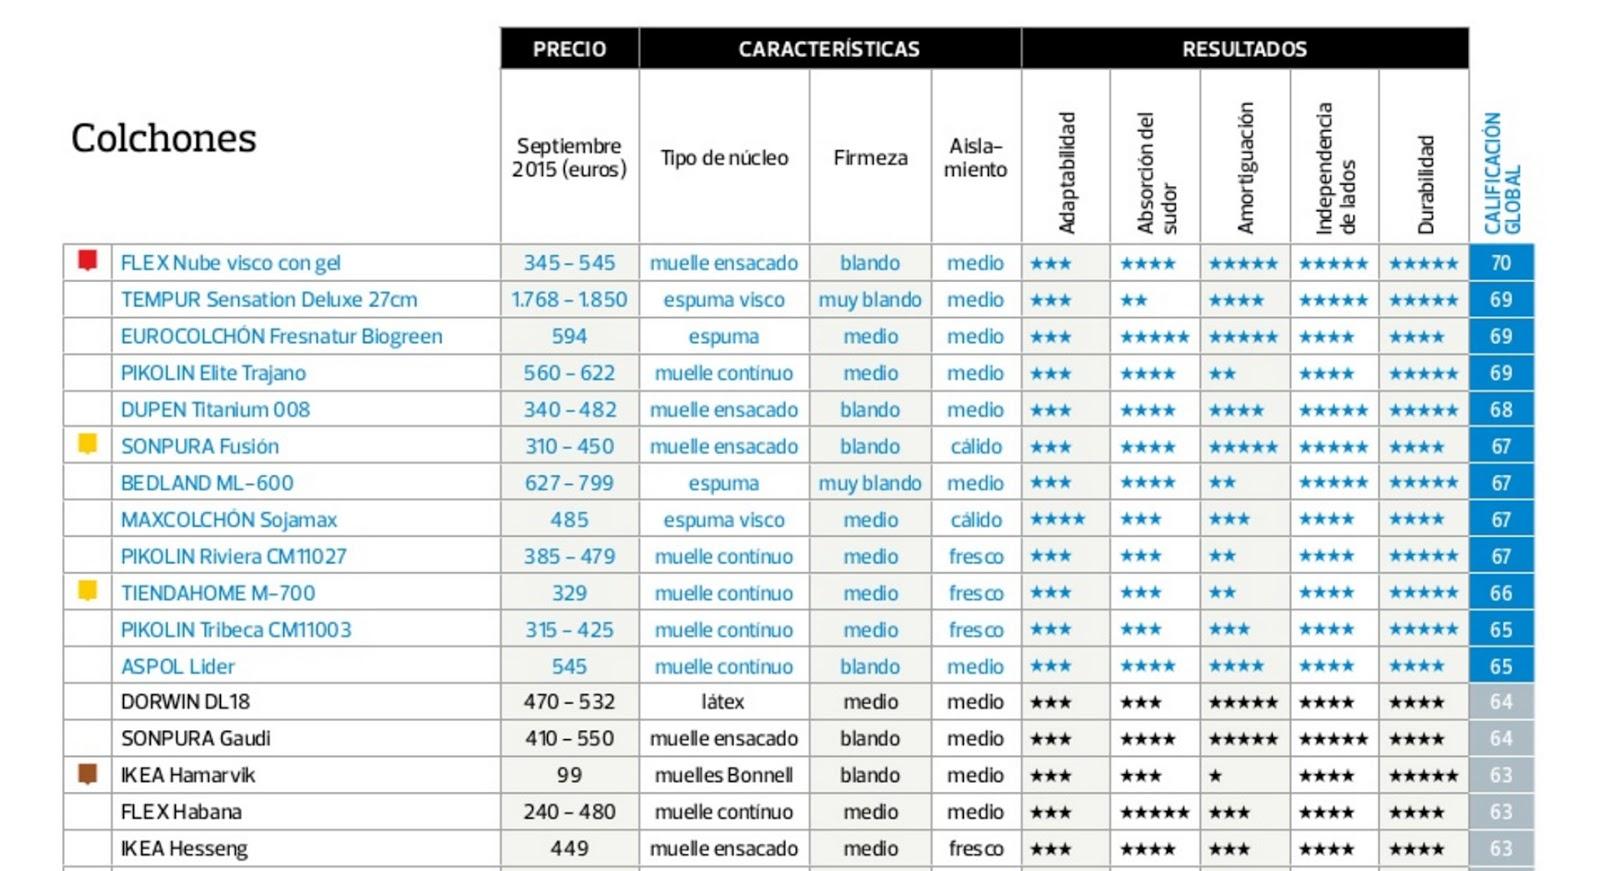 Ranking de los mejores colchones seg n la ocu el blog de - Colchones marmota precios ...